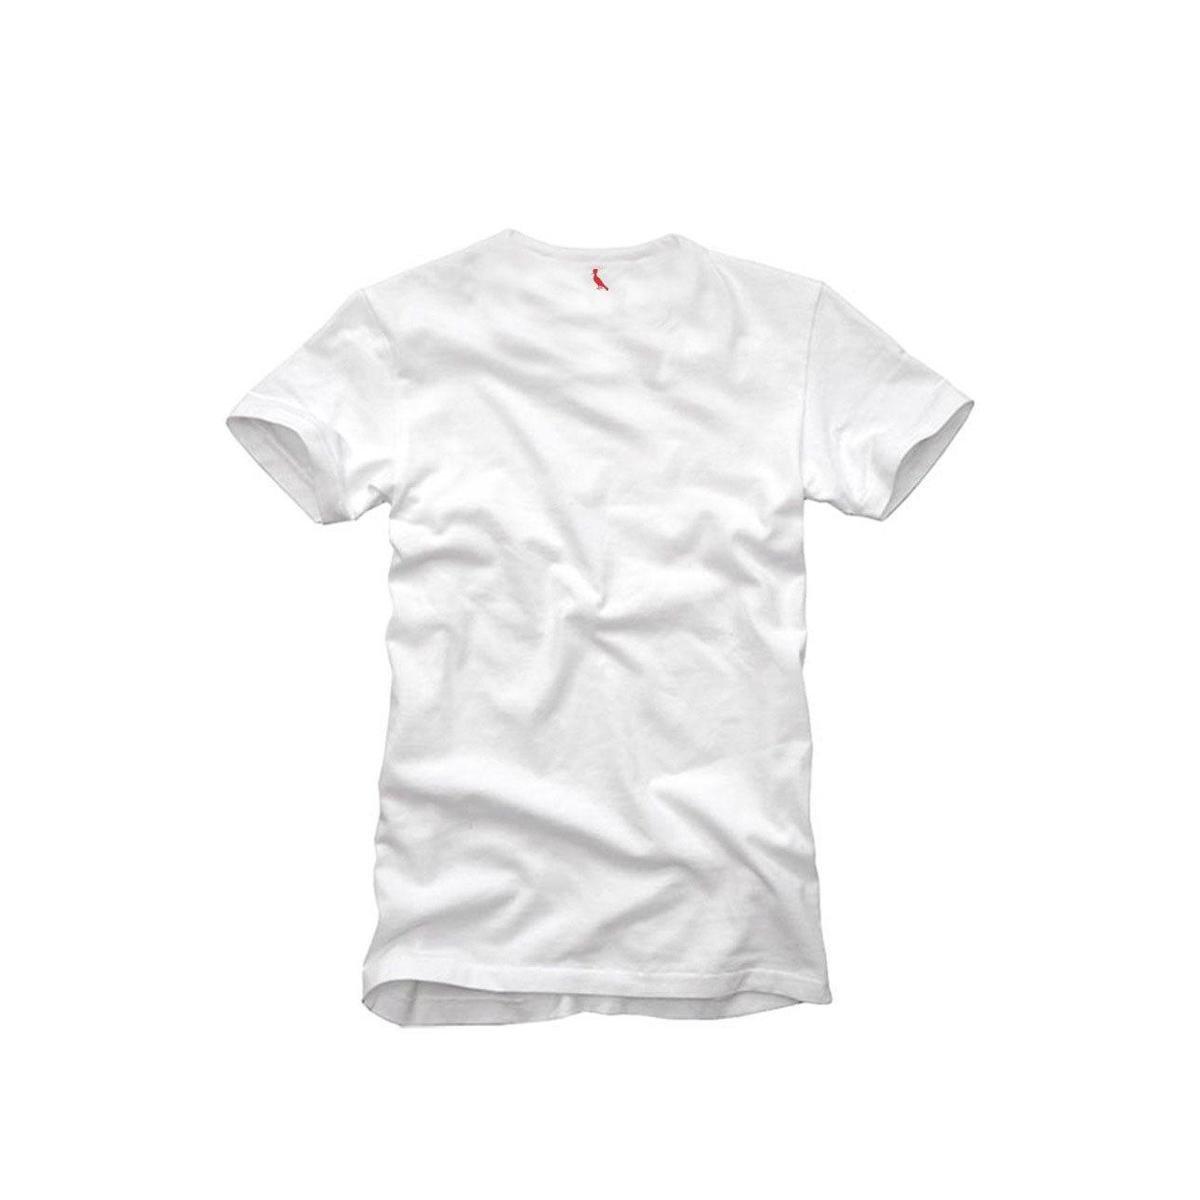 c1dfb65ffa Camiseta Reserva Tipos de Rock Masculina - Branco - Compre Agora ...